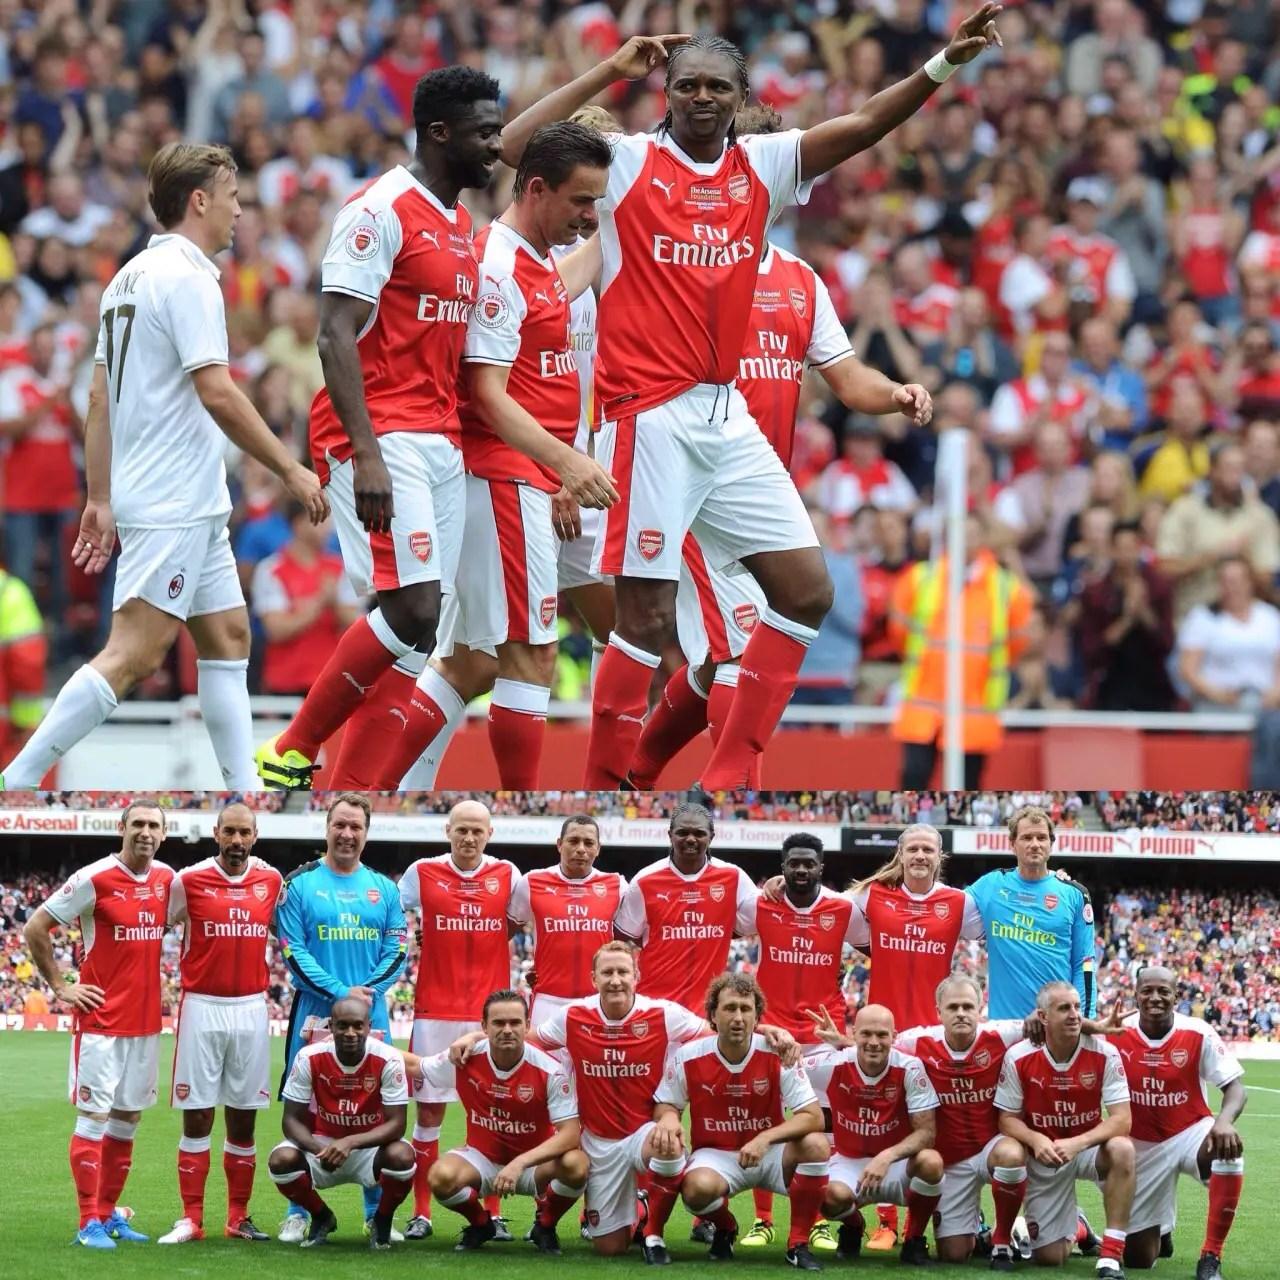 Arsenal Fans Want Kanu Back After Hat-trick Vs Milan Legends